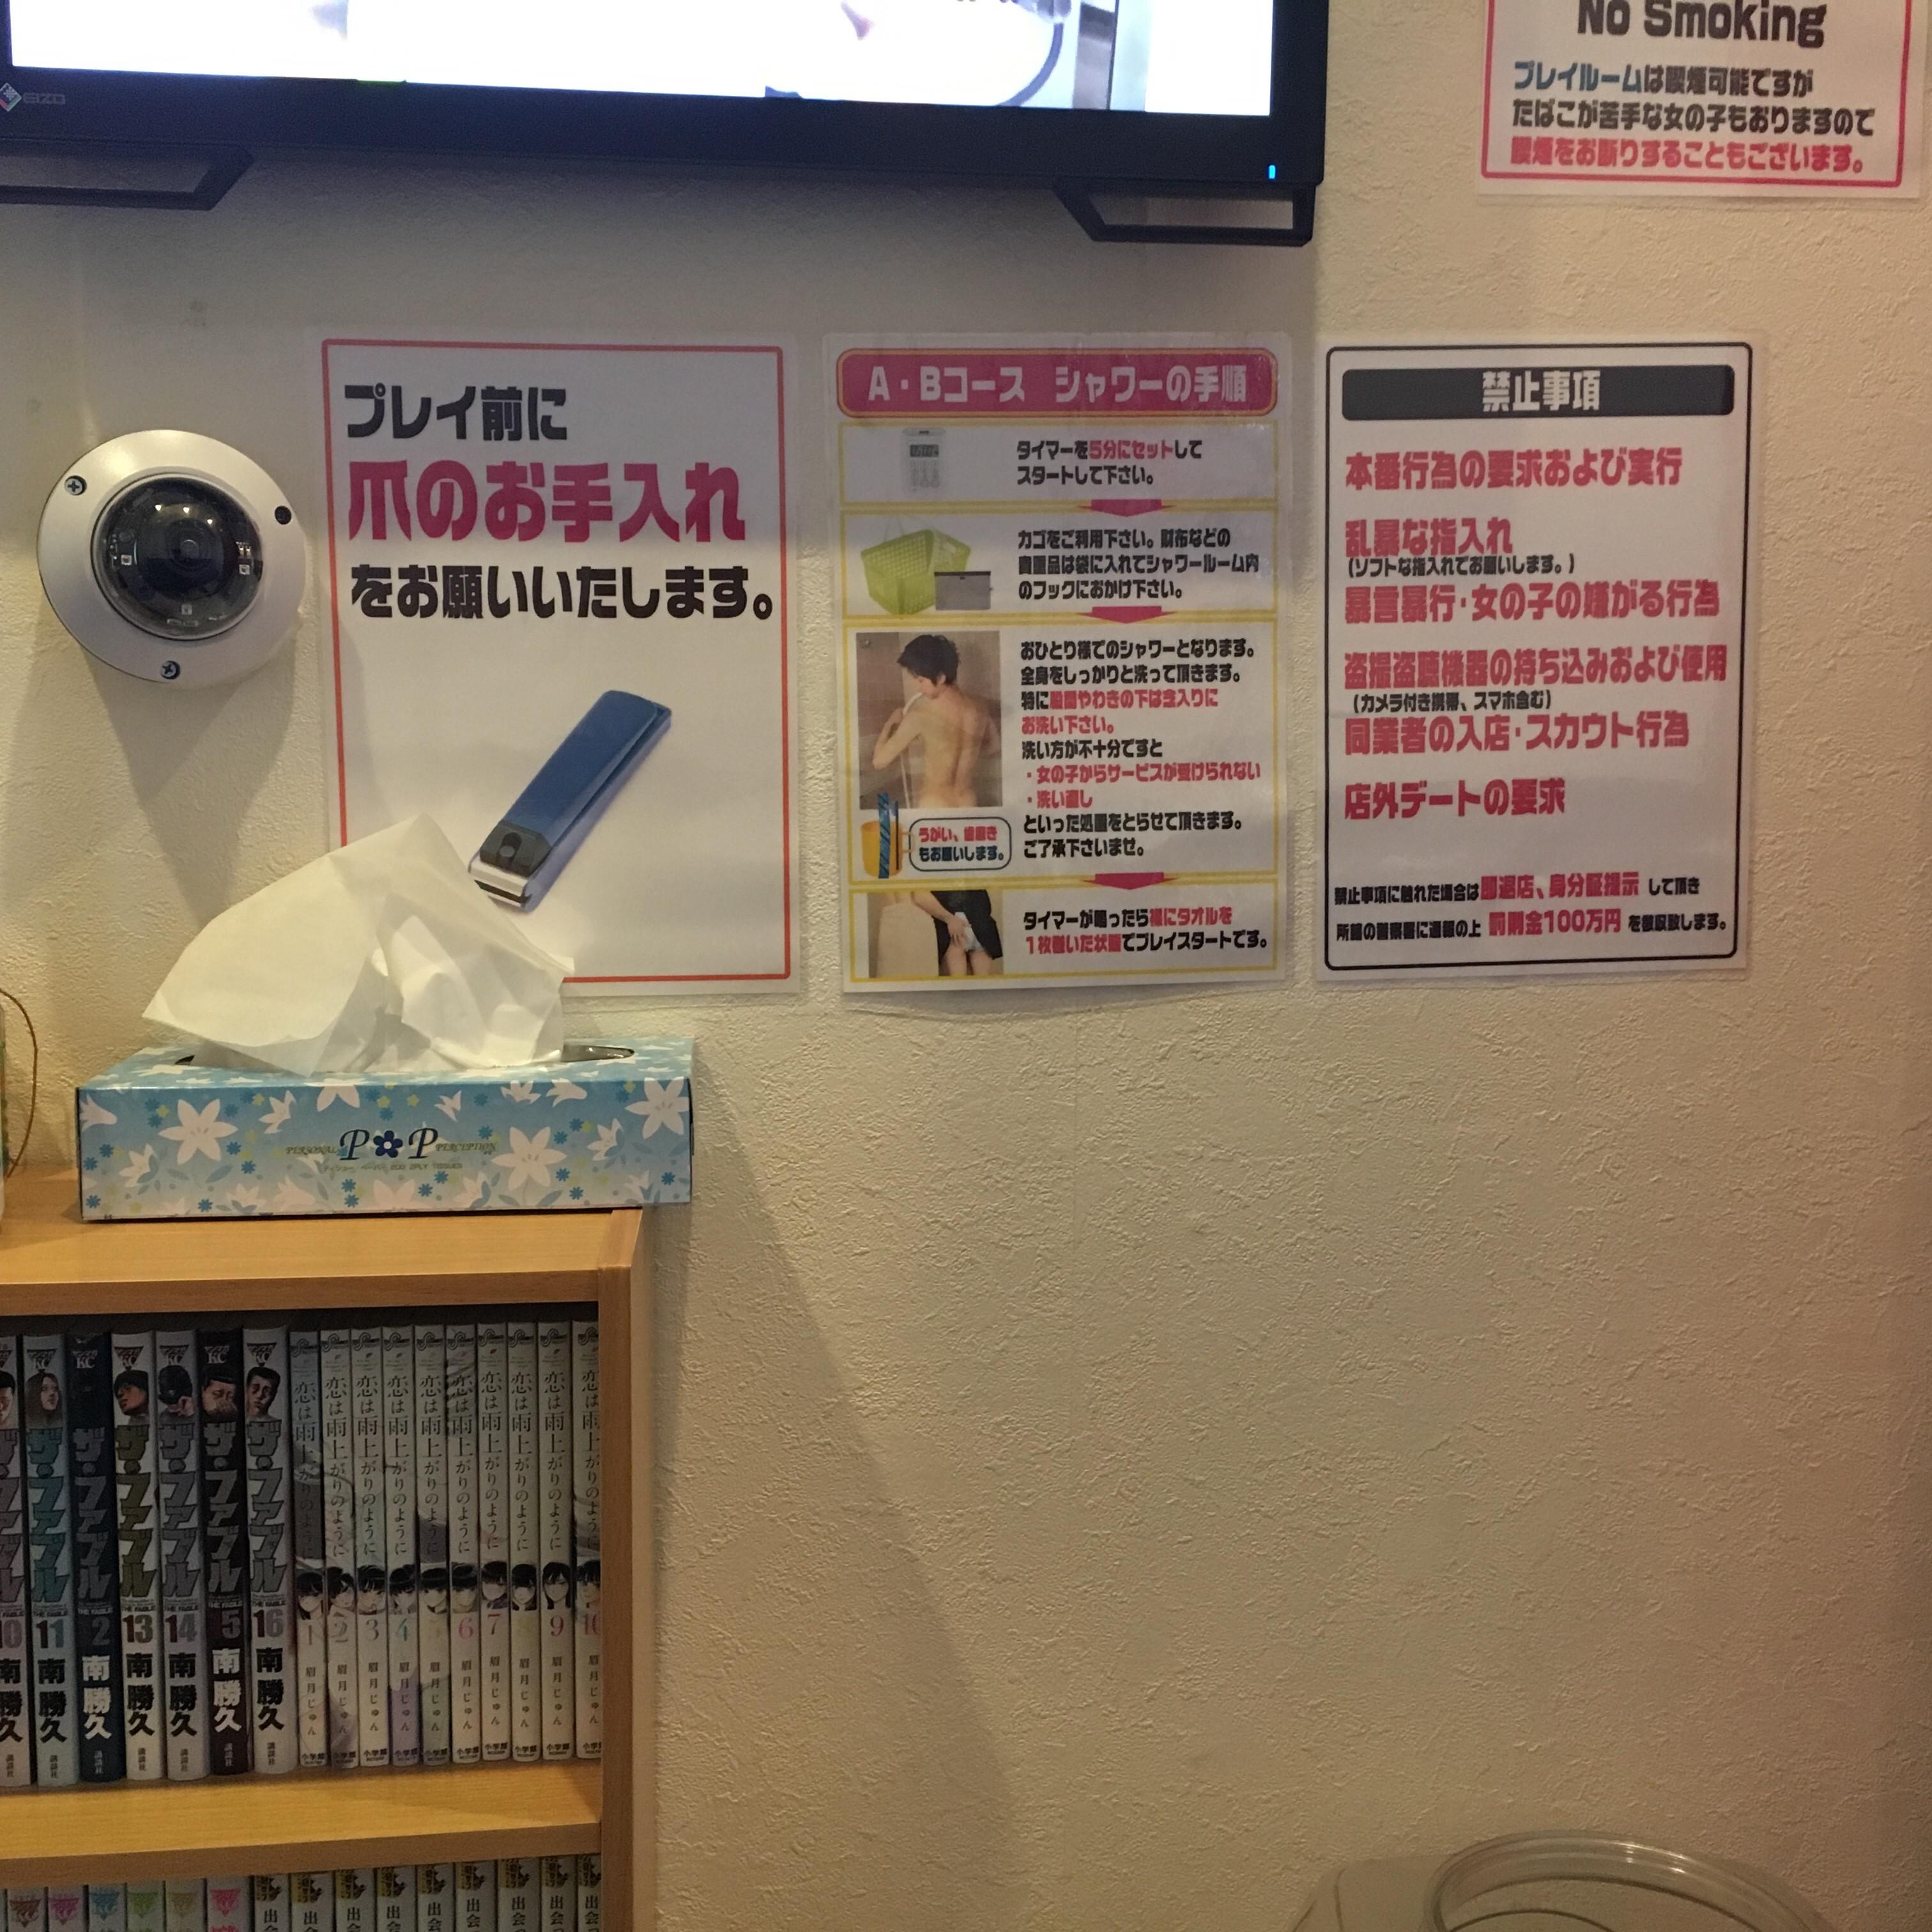 横浜曙町のヘルスの待合室